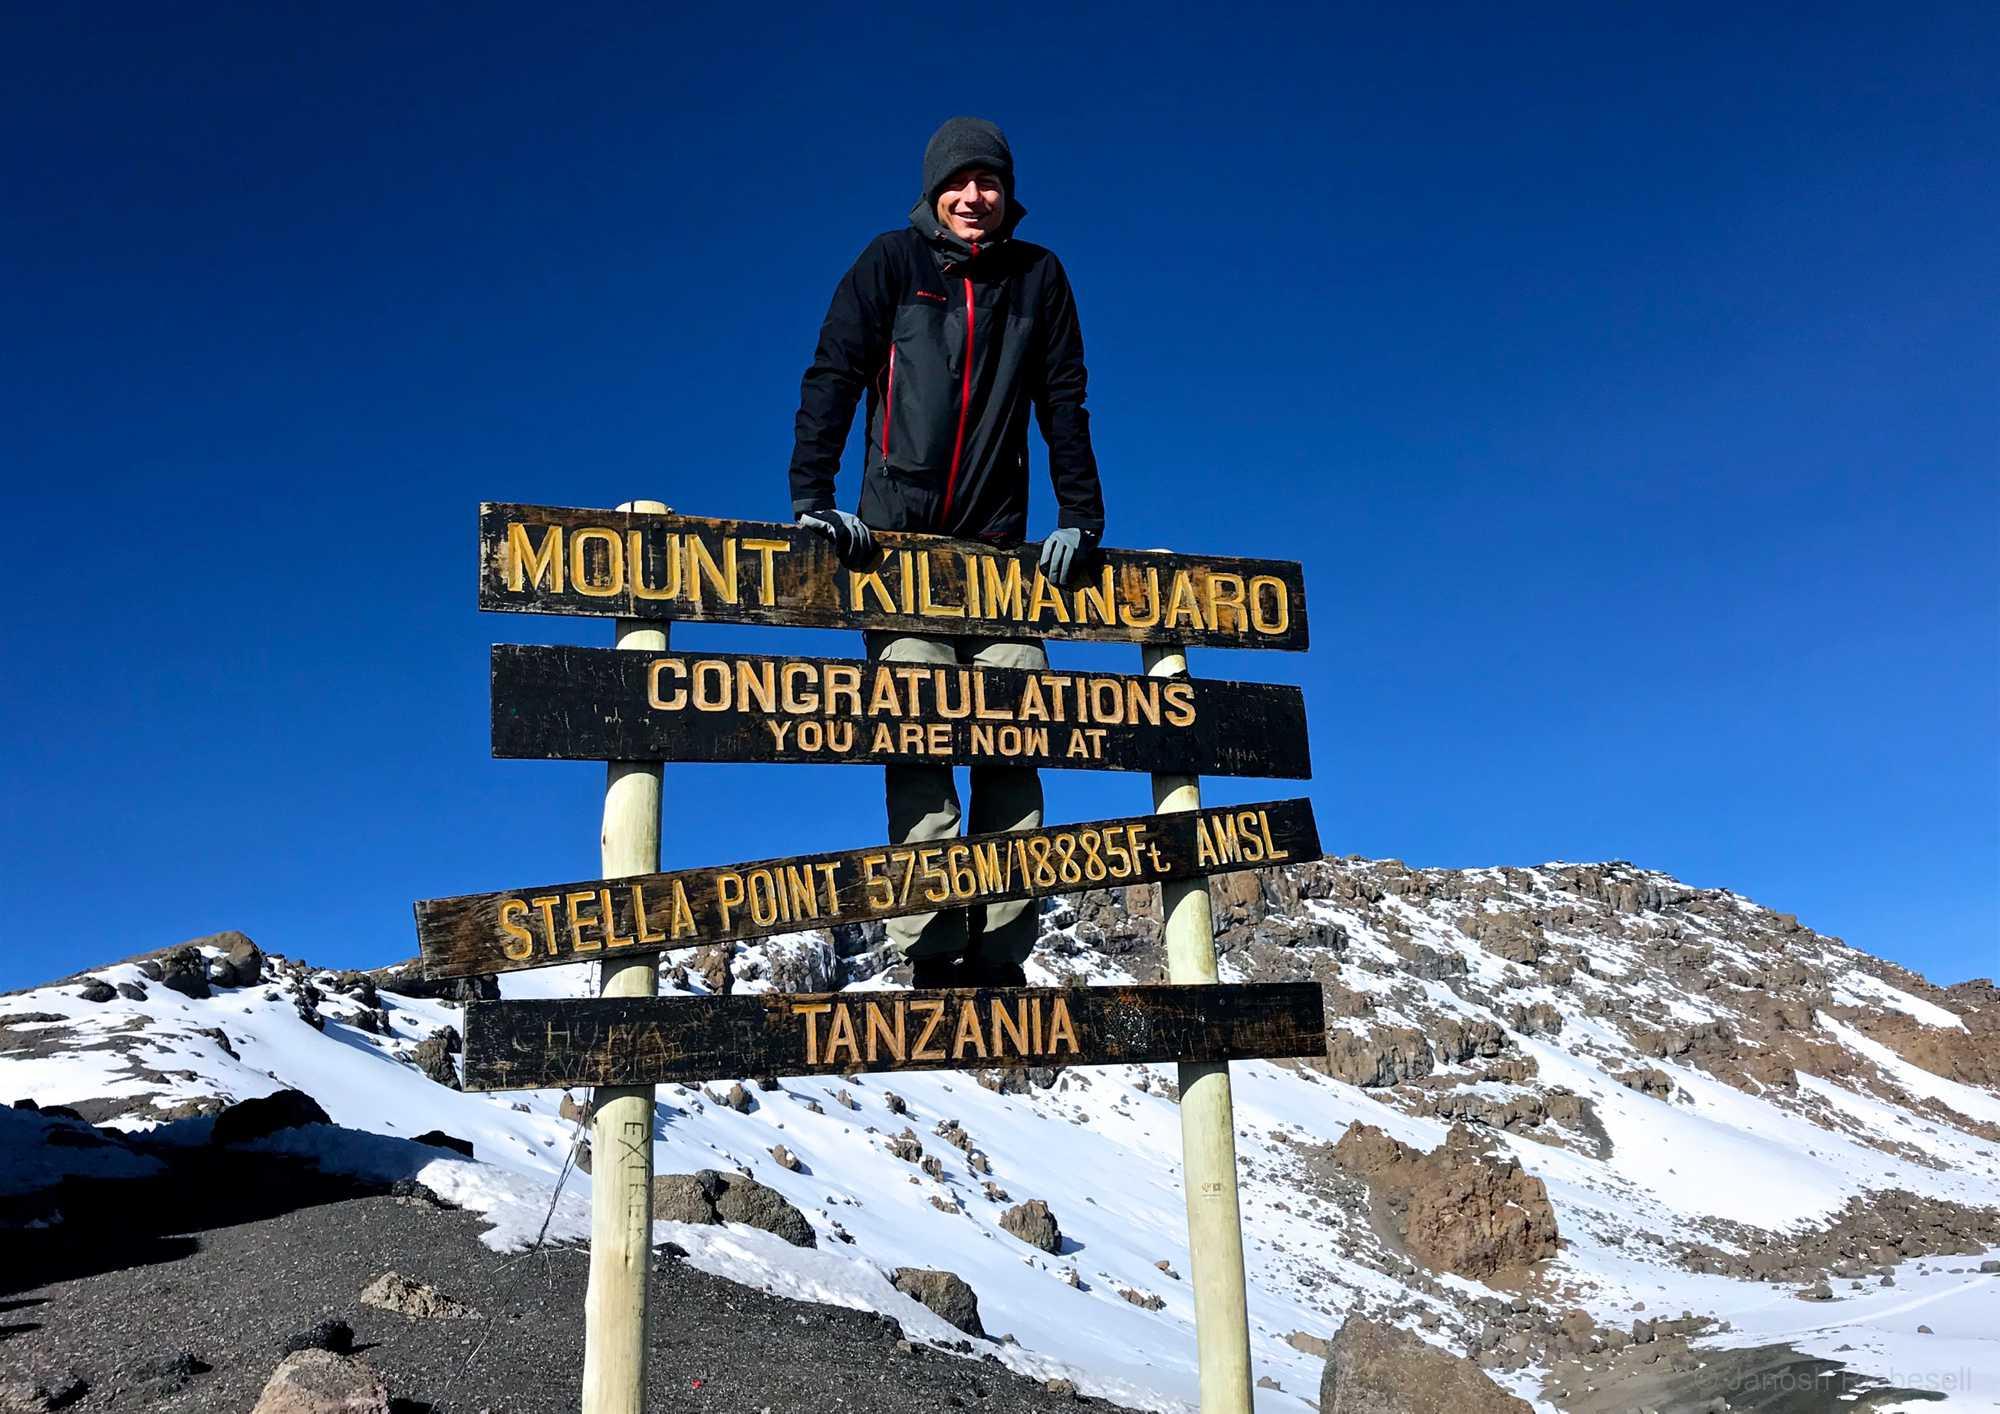 Tanzania Kilimanjaro Peak Sign